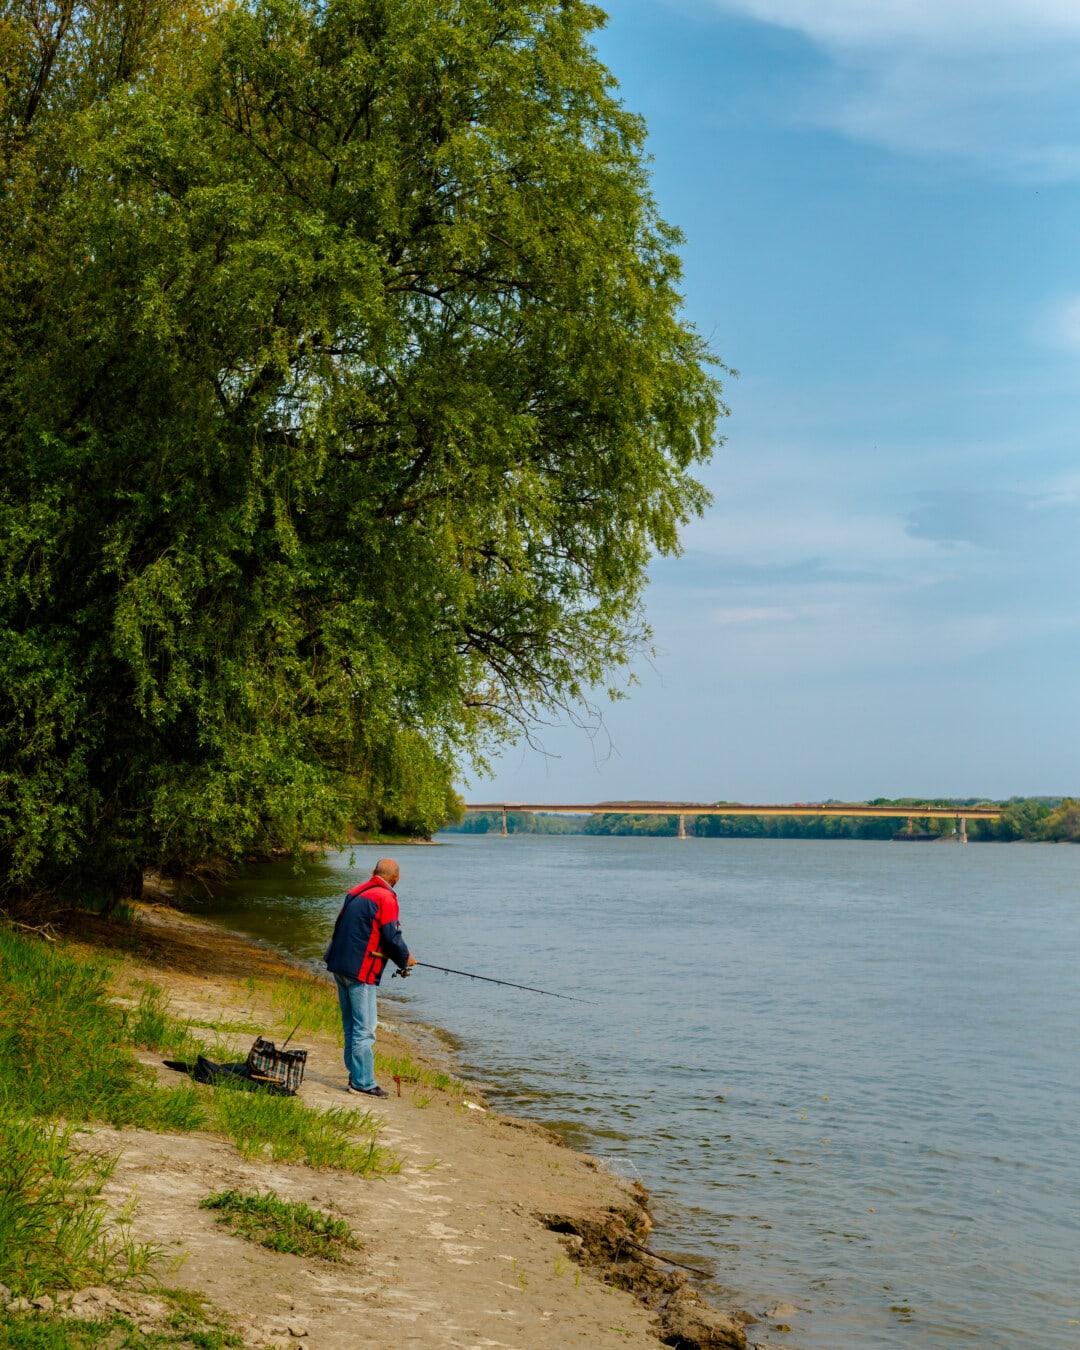 рибар, риболовен прът, Риболов, река, реката, мъж, постоянен, езеро, плаж, дърво